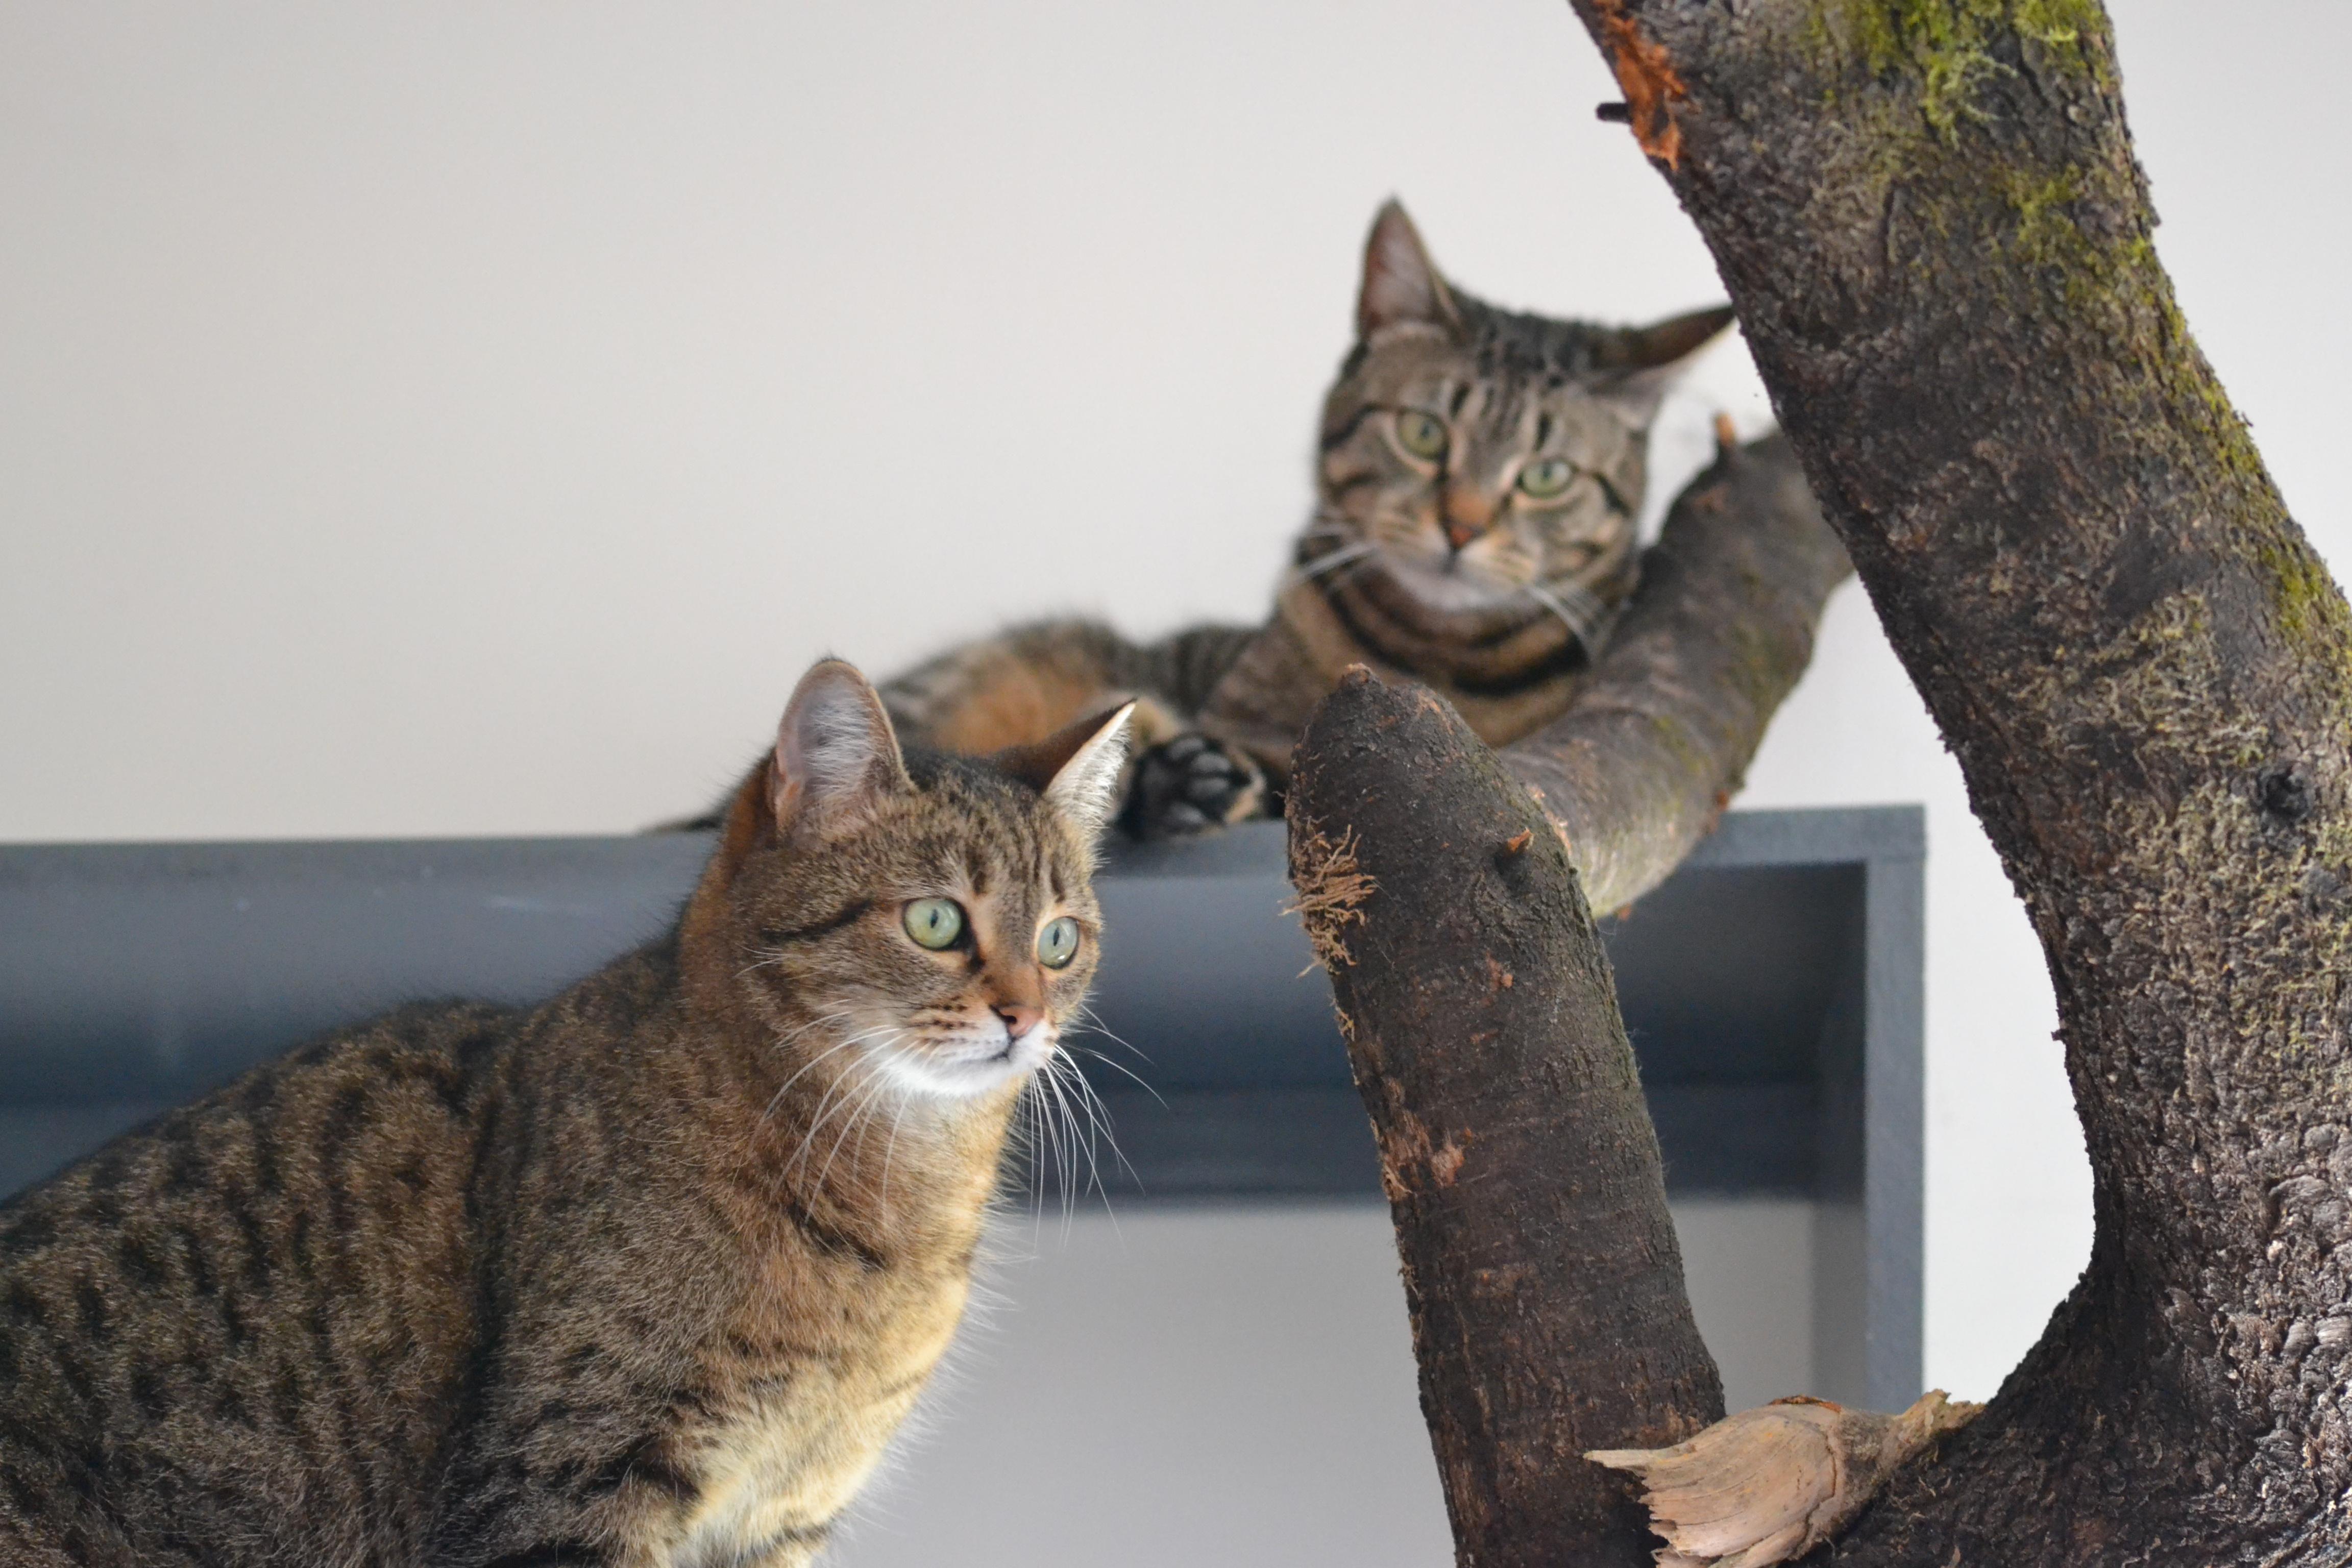 Féroce_et_Lolotte_dans_l'arbre